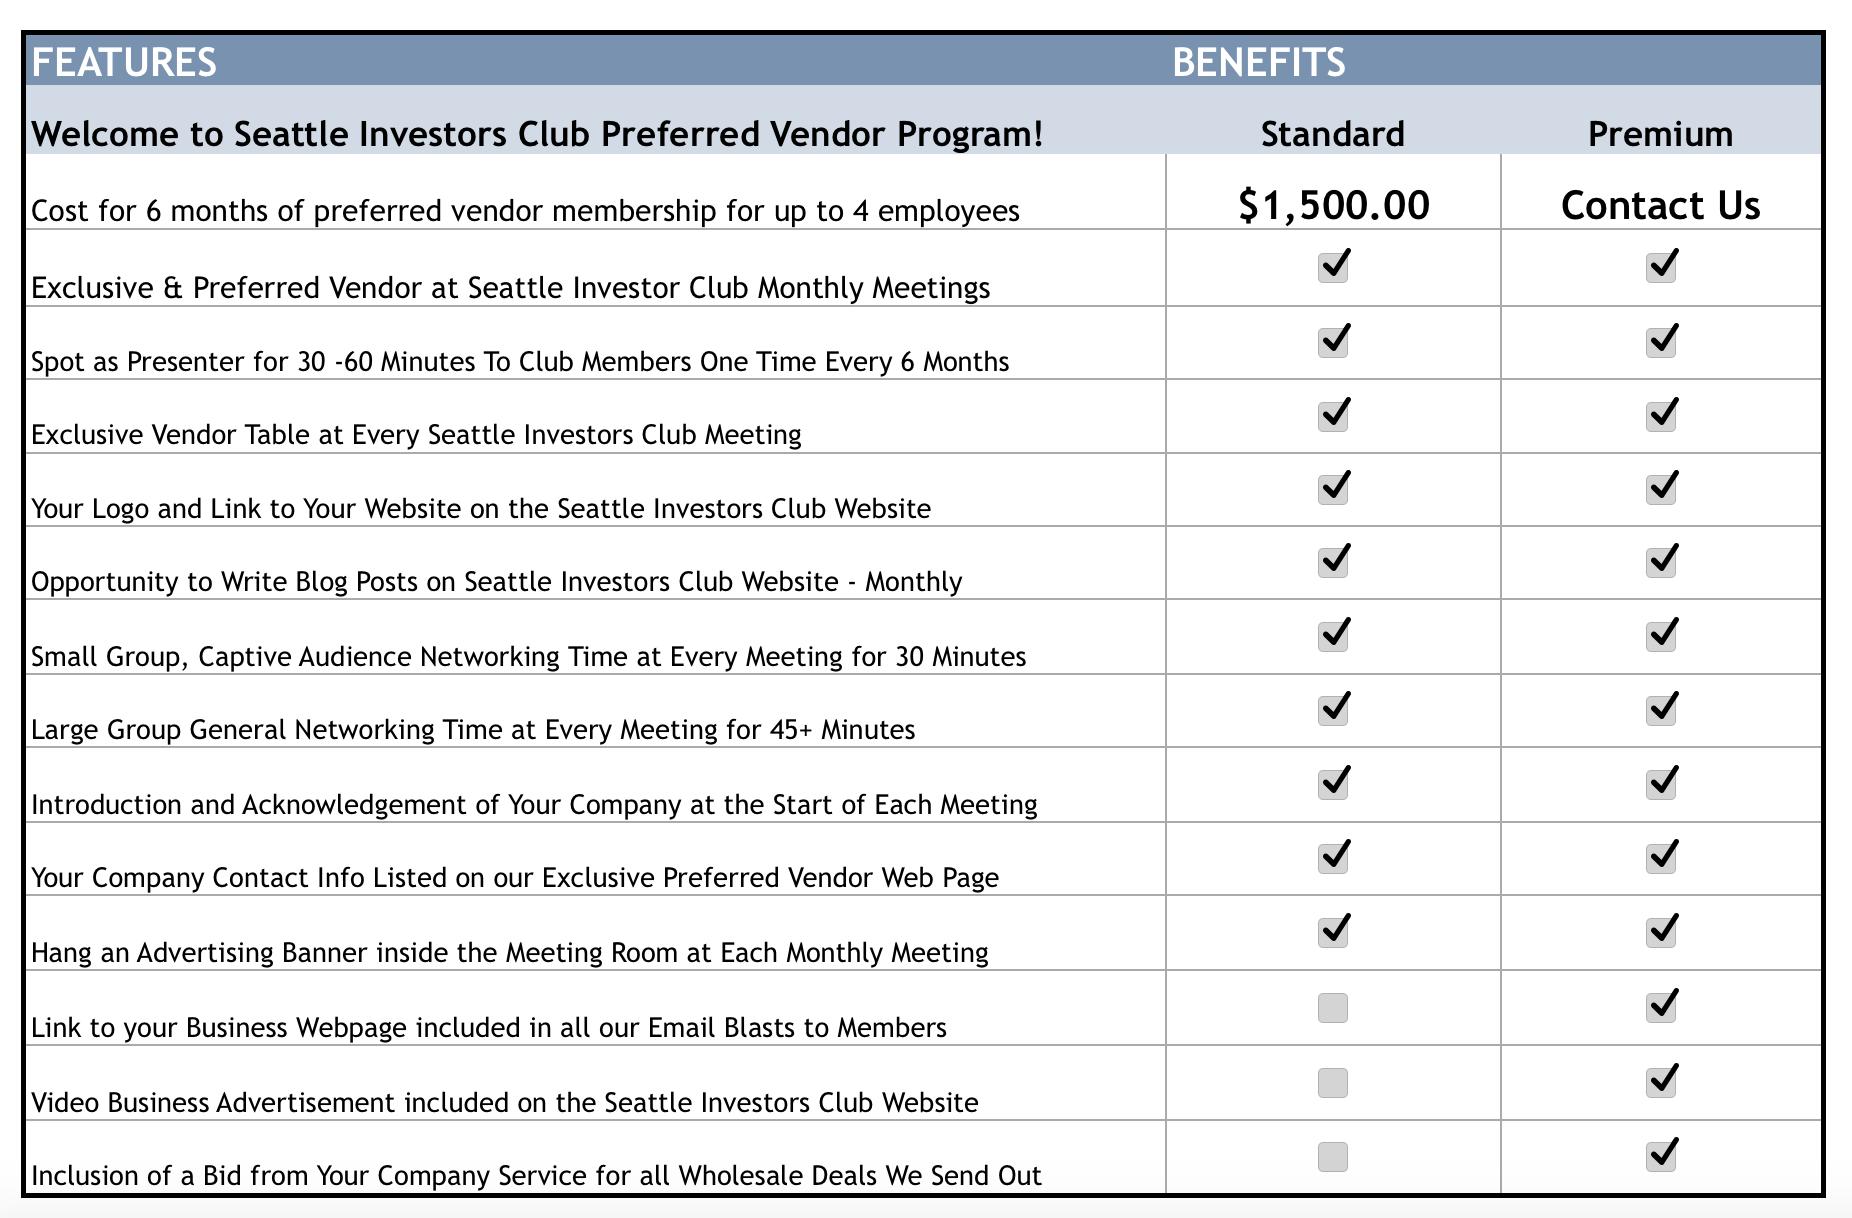 Vendor benefits updated